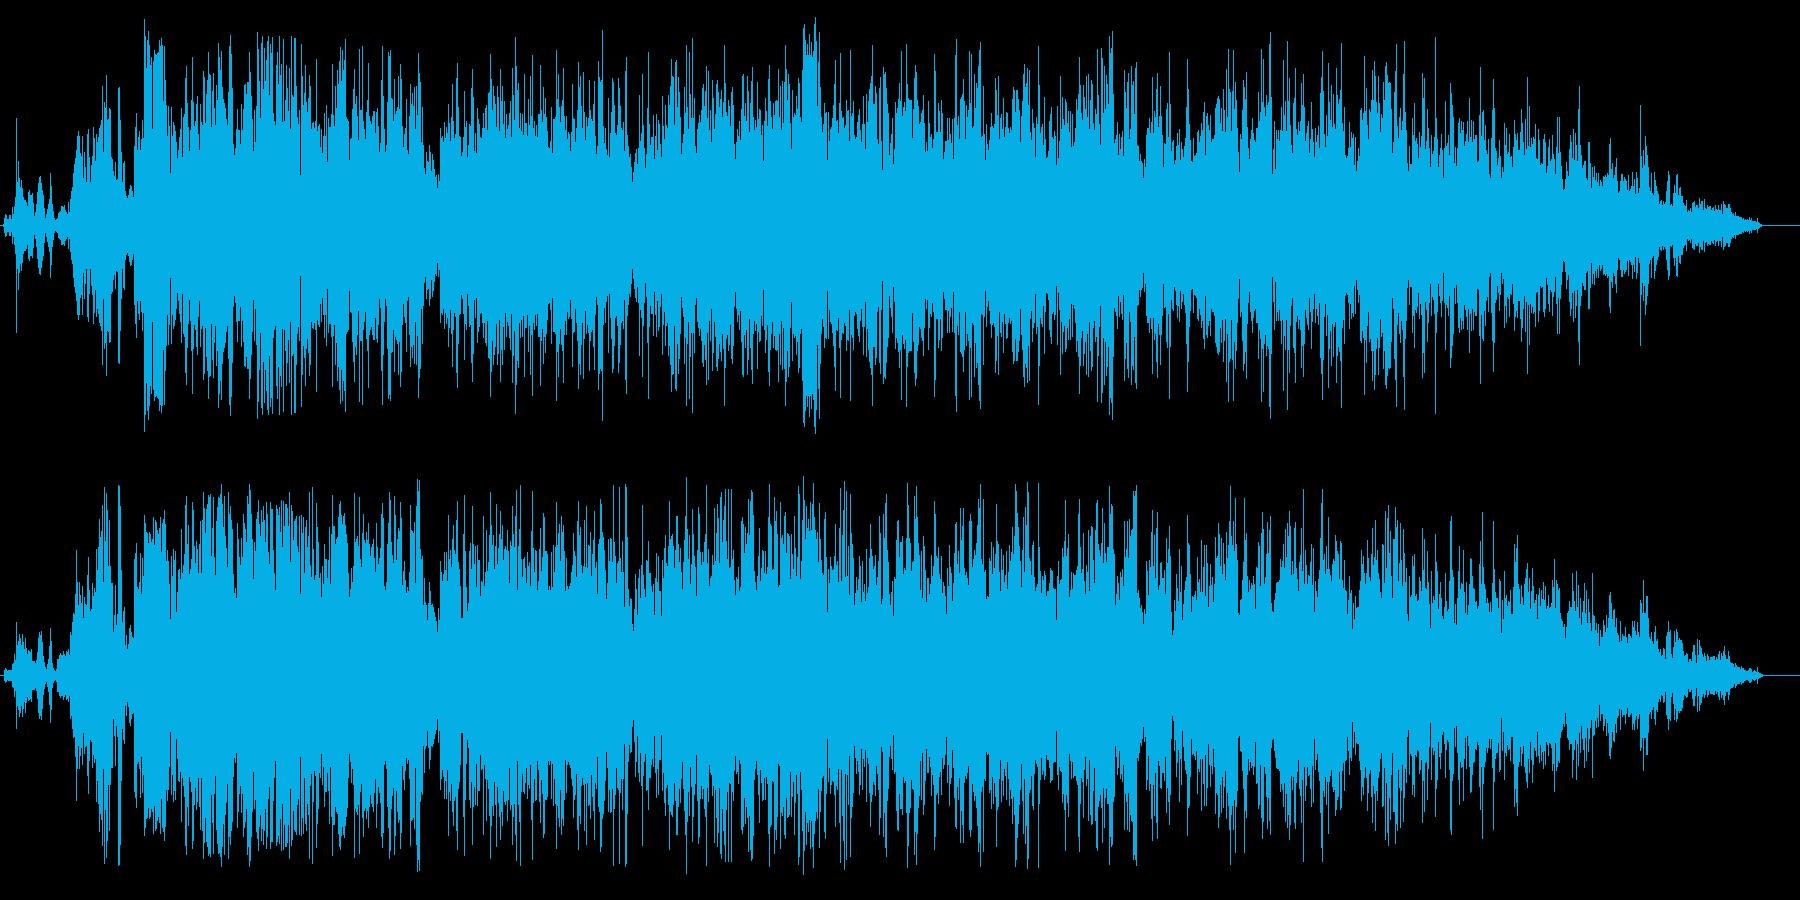 トイレで水を流す音(蓋を閉める音付き)の再生済みの波形